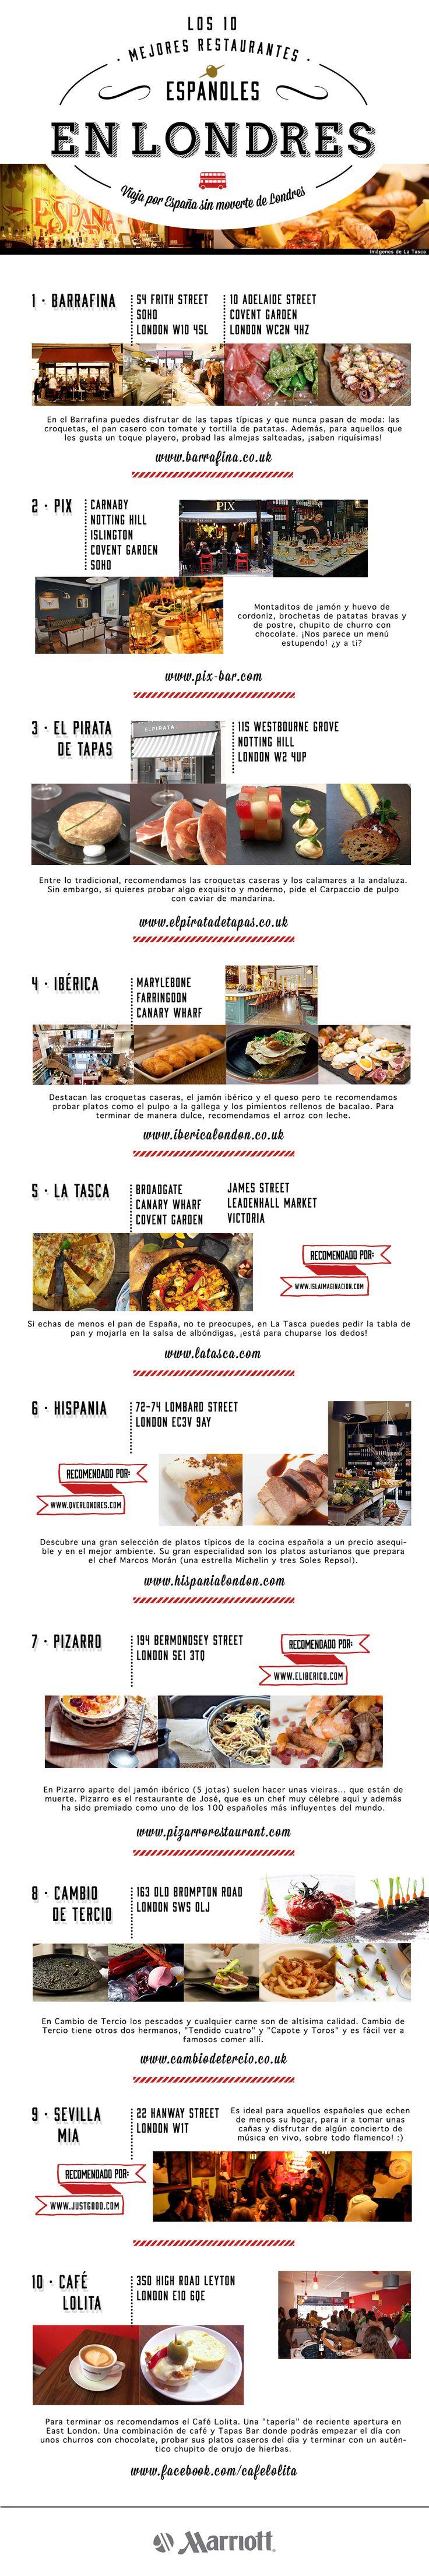 Los 10 mejores restaurantes españoles en Londres by Marriott